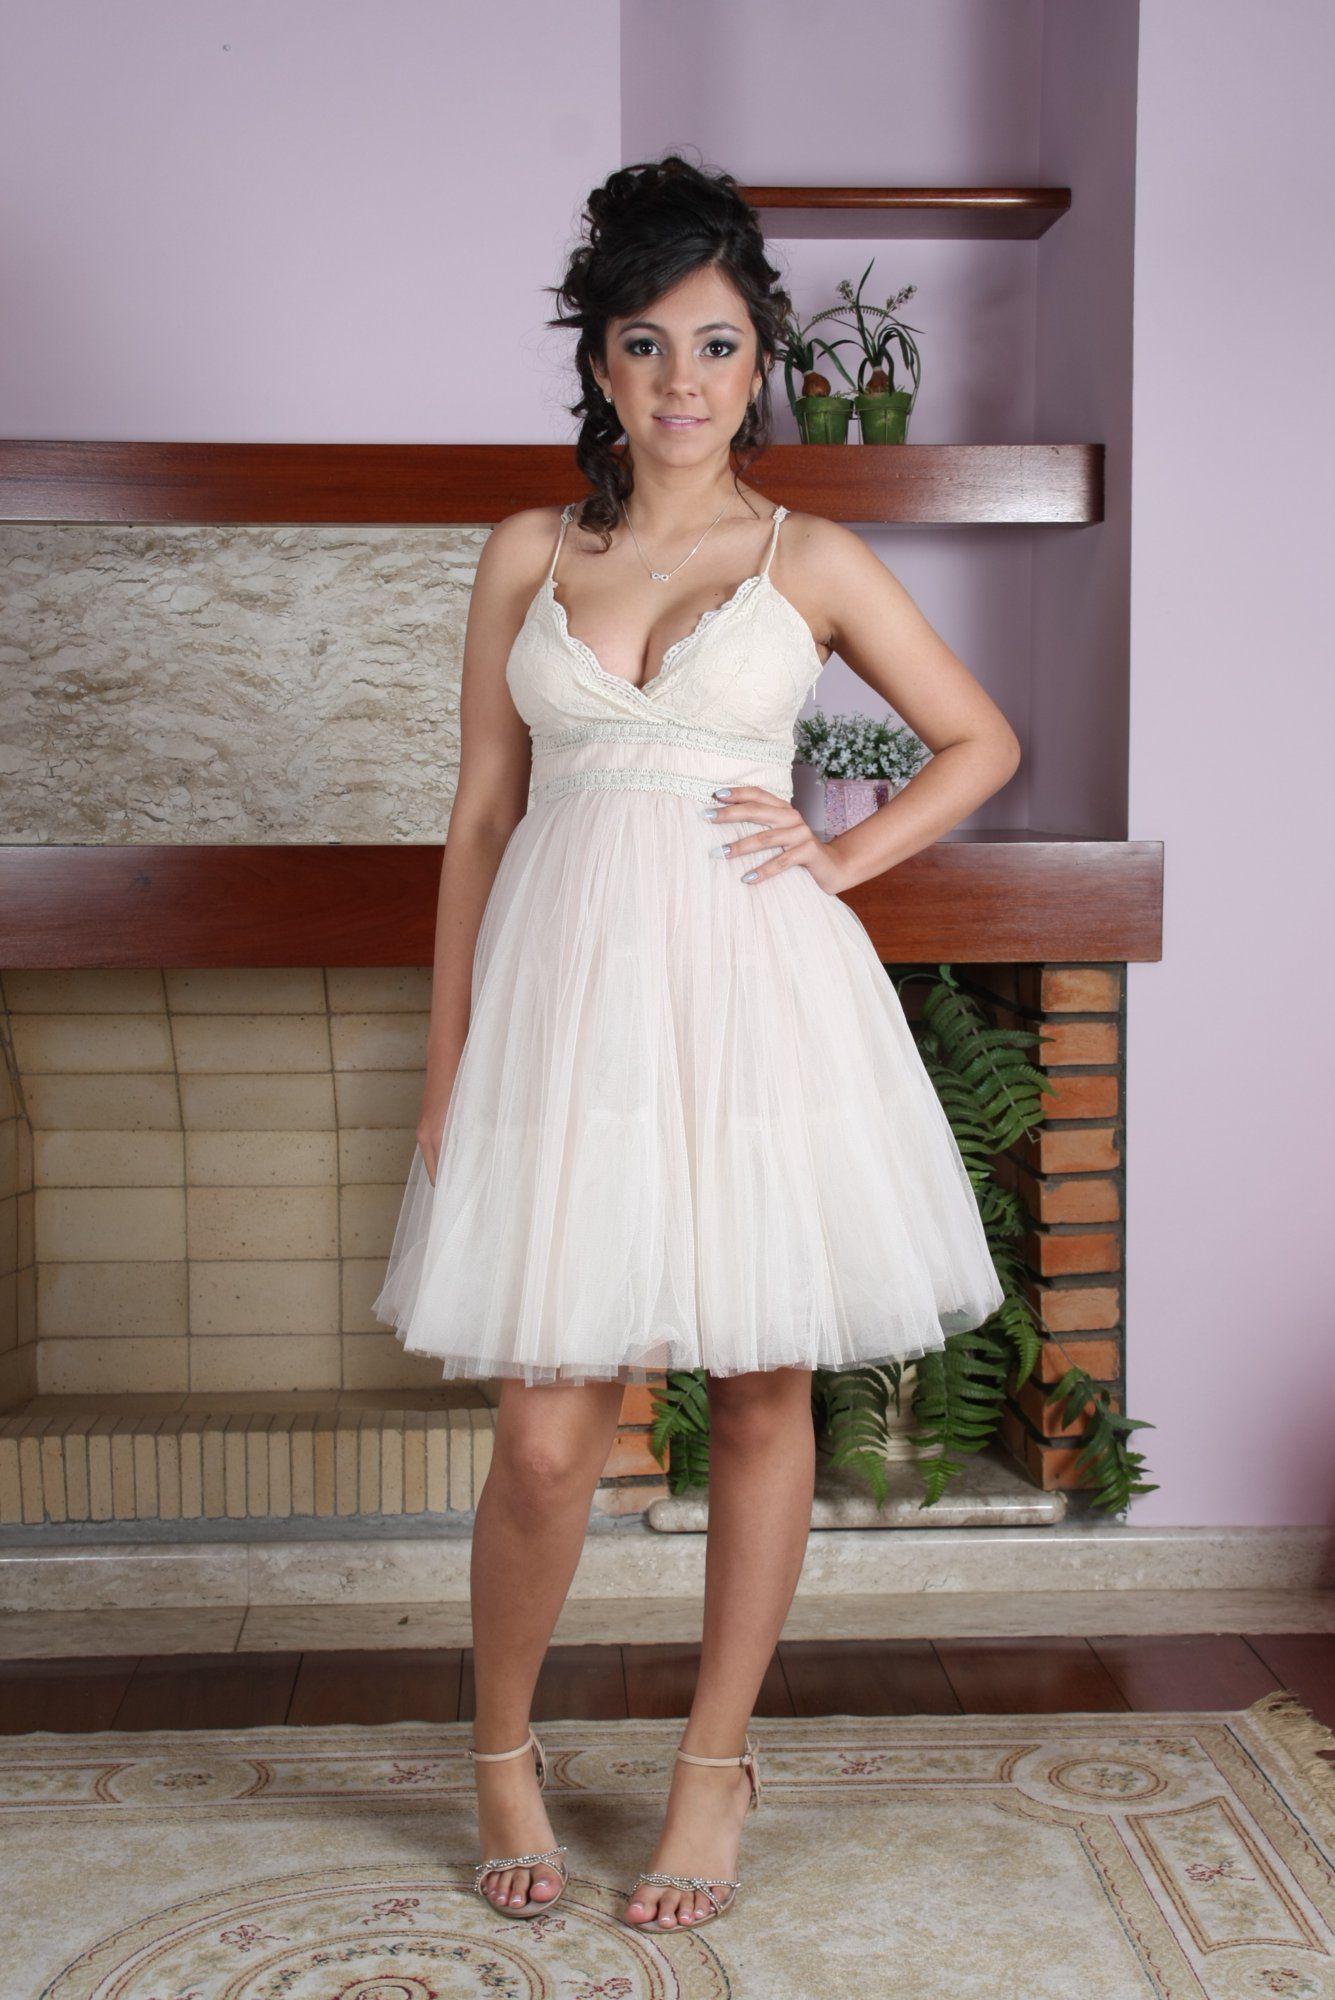 Vestido de Debutante Marfim e Ouro - 2 - Hipnose Alta Costura e Spa para Noivas e Noivos - Campinas - SP Vestido de Debutante, Vestido de Debutante Marfim e Ouro, Hipnose Alta Costura